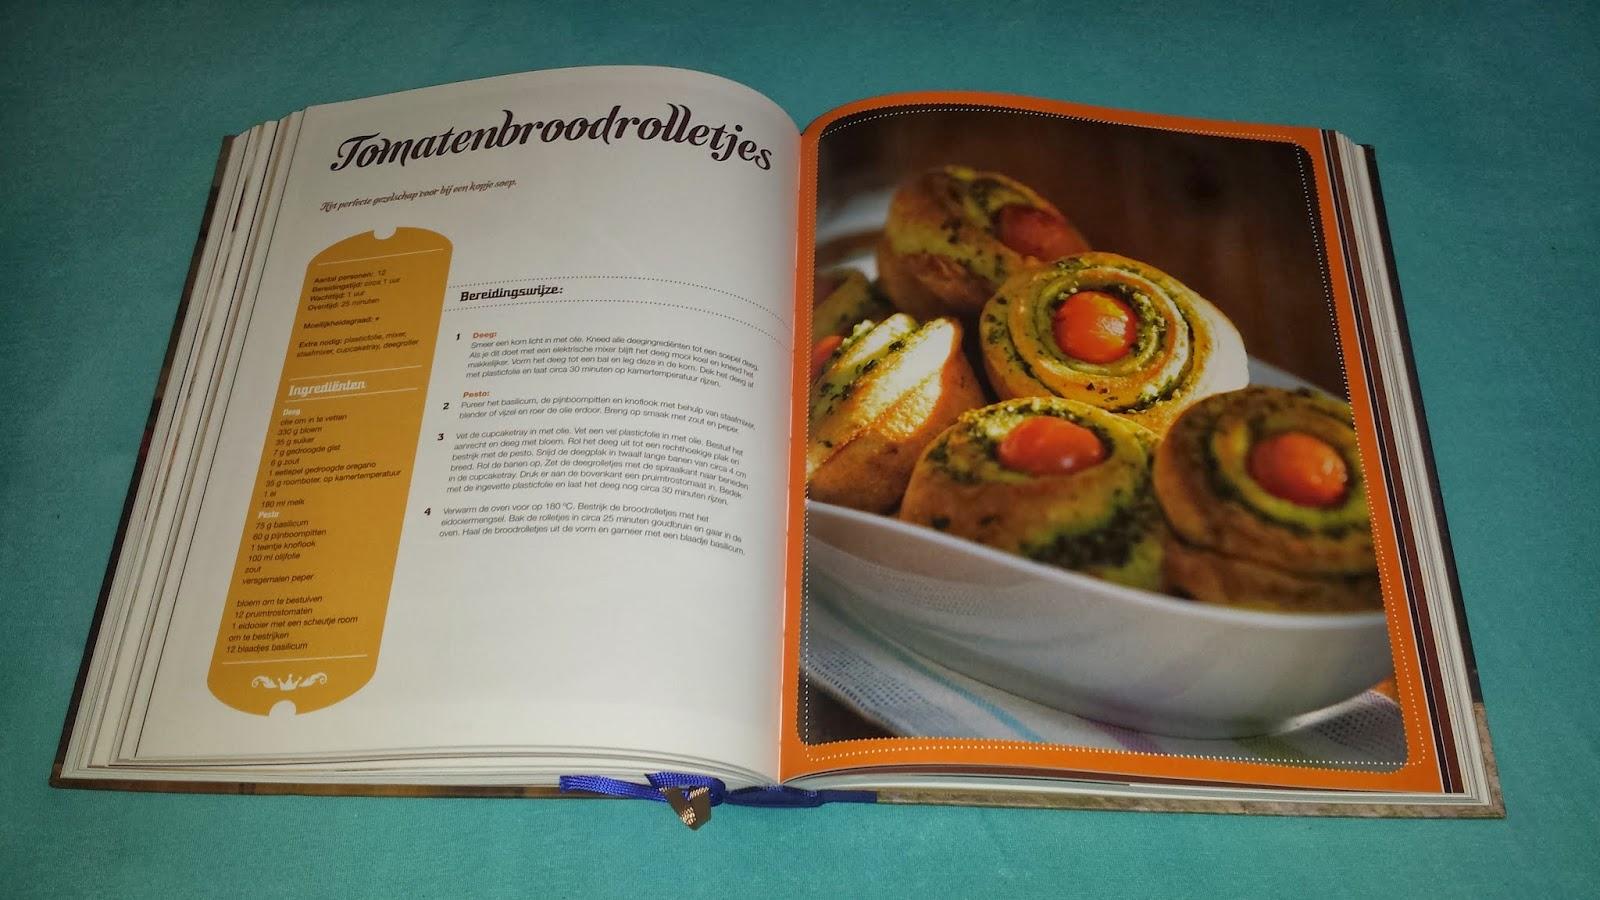 Hedendaags Kookboek Rudolph's Bakery - Miszbloggie FE-53